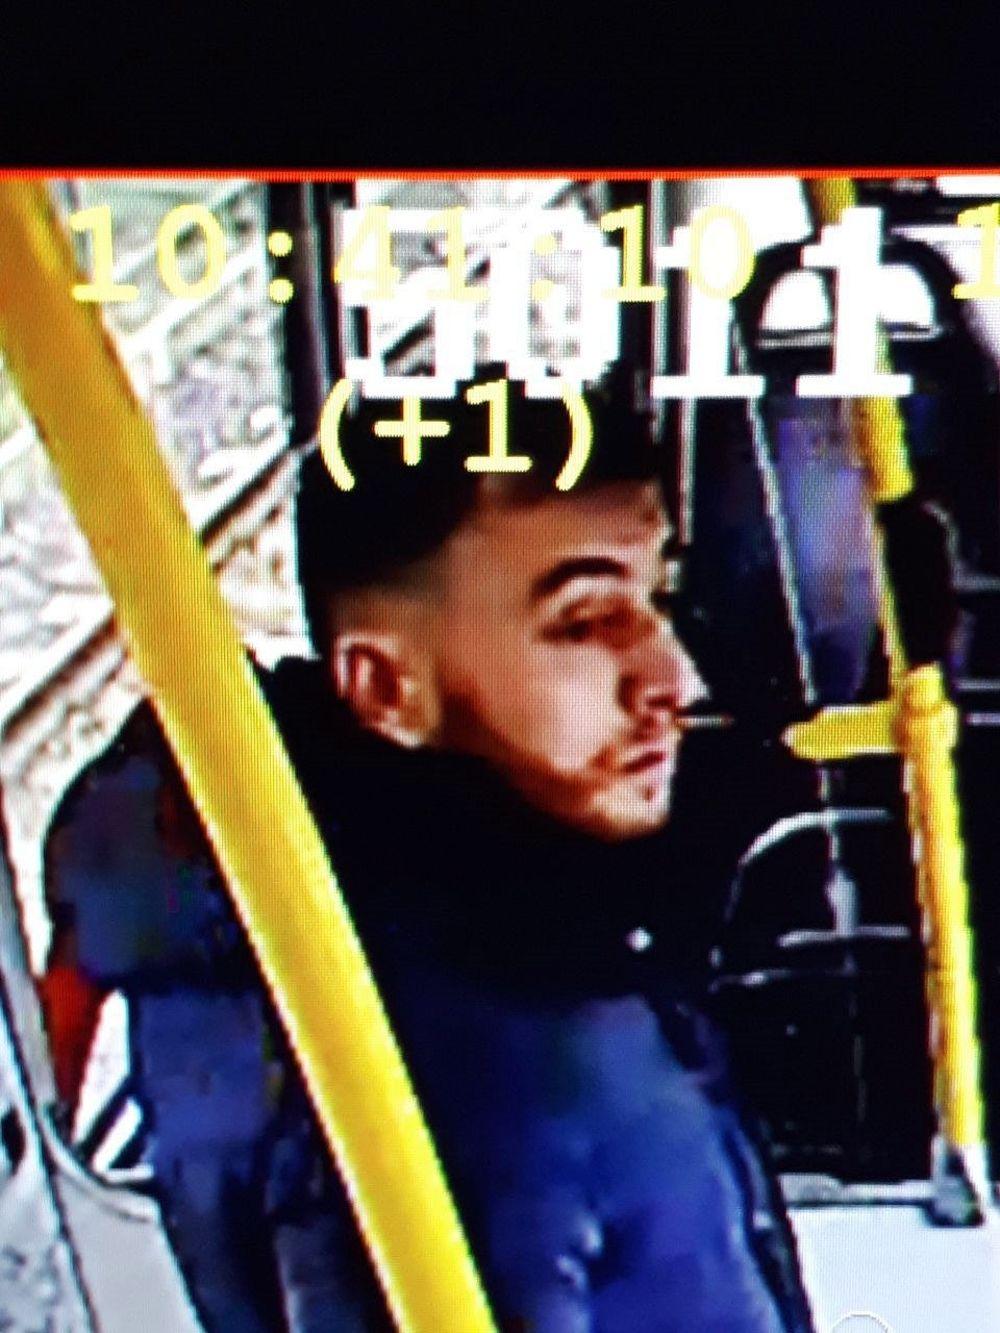 Foto facilitada este por la Policía de Gökman Tanis.